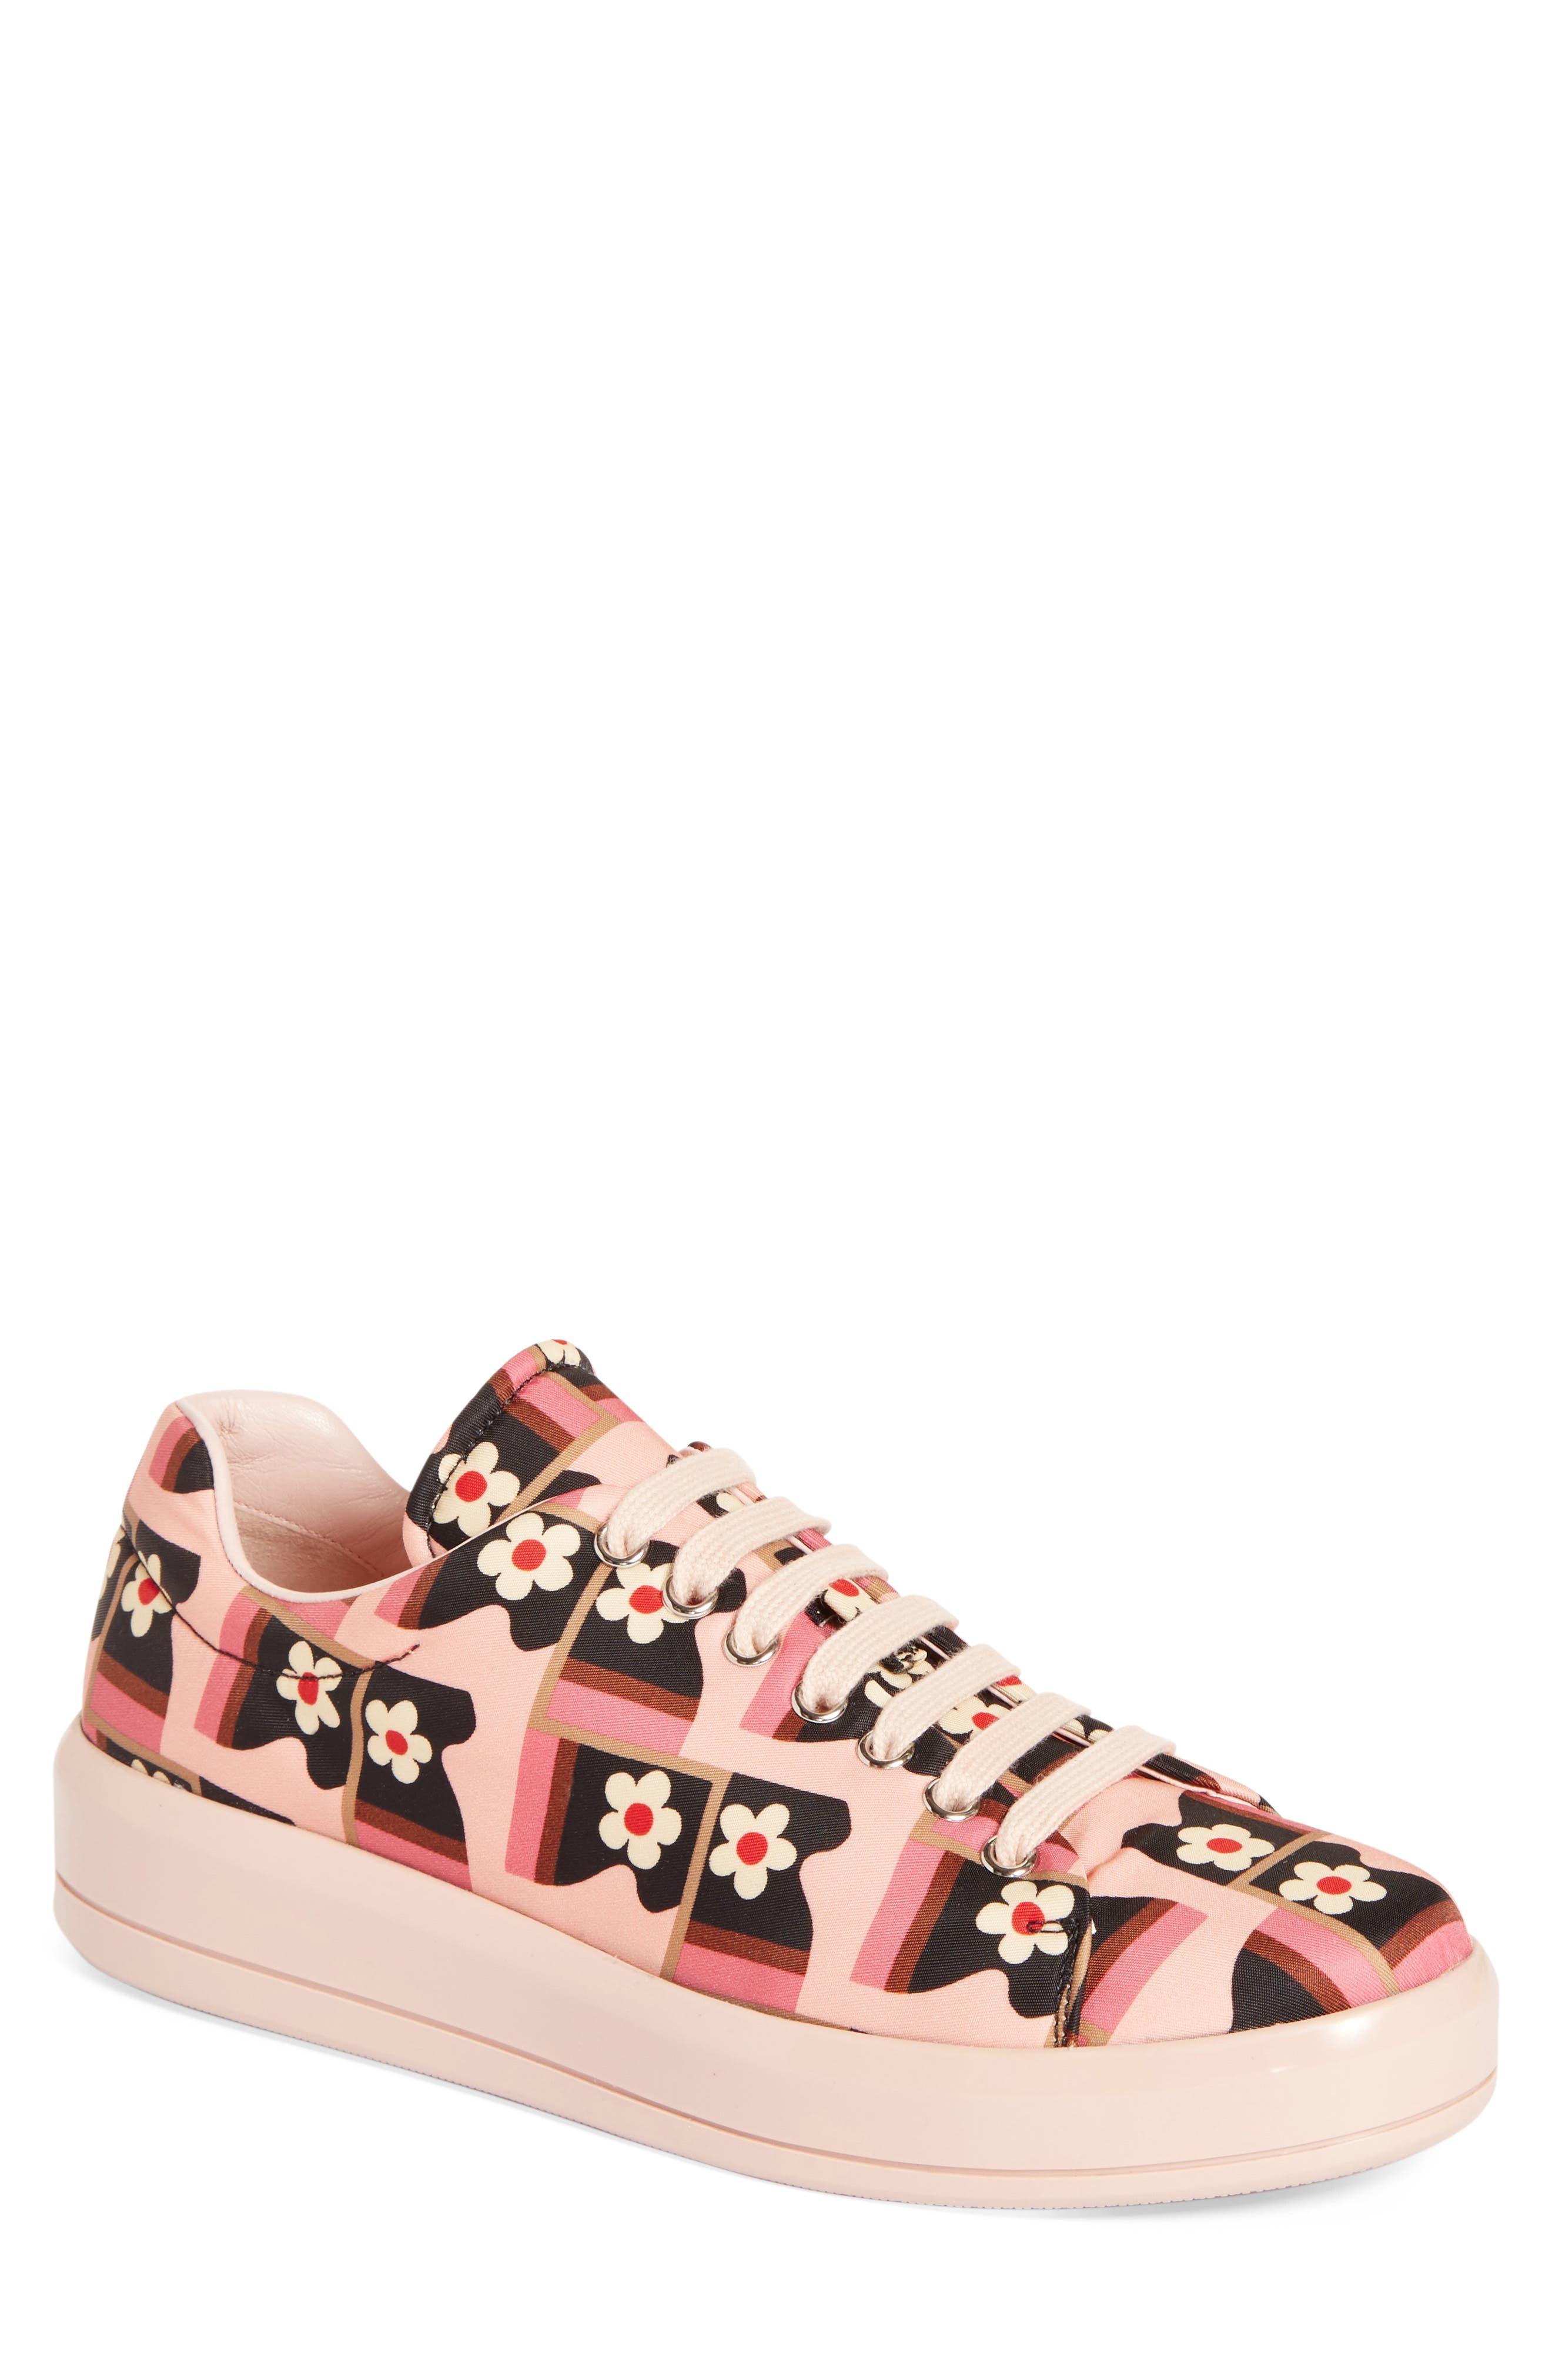 PRADA Floral Sneaker